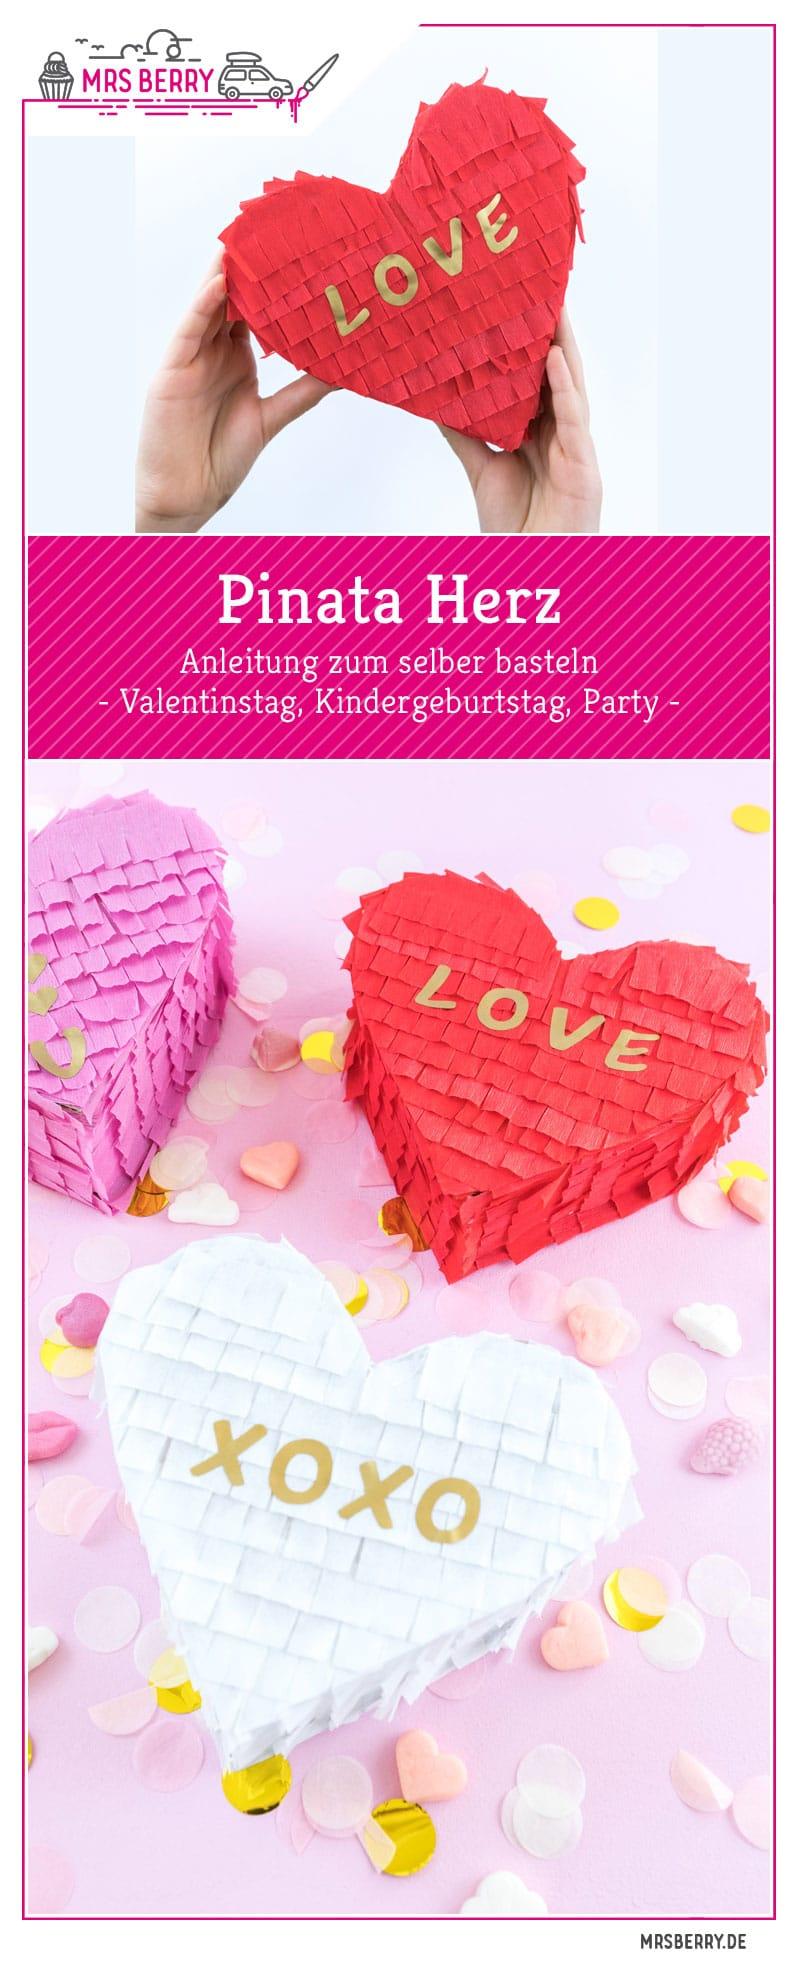 Valentinstag Geschenk Basteln pinata herzen basteln zum valentinstag mrsberry familien reiseblog